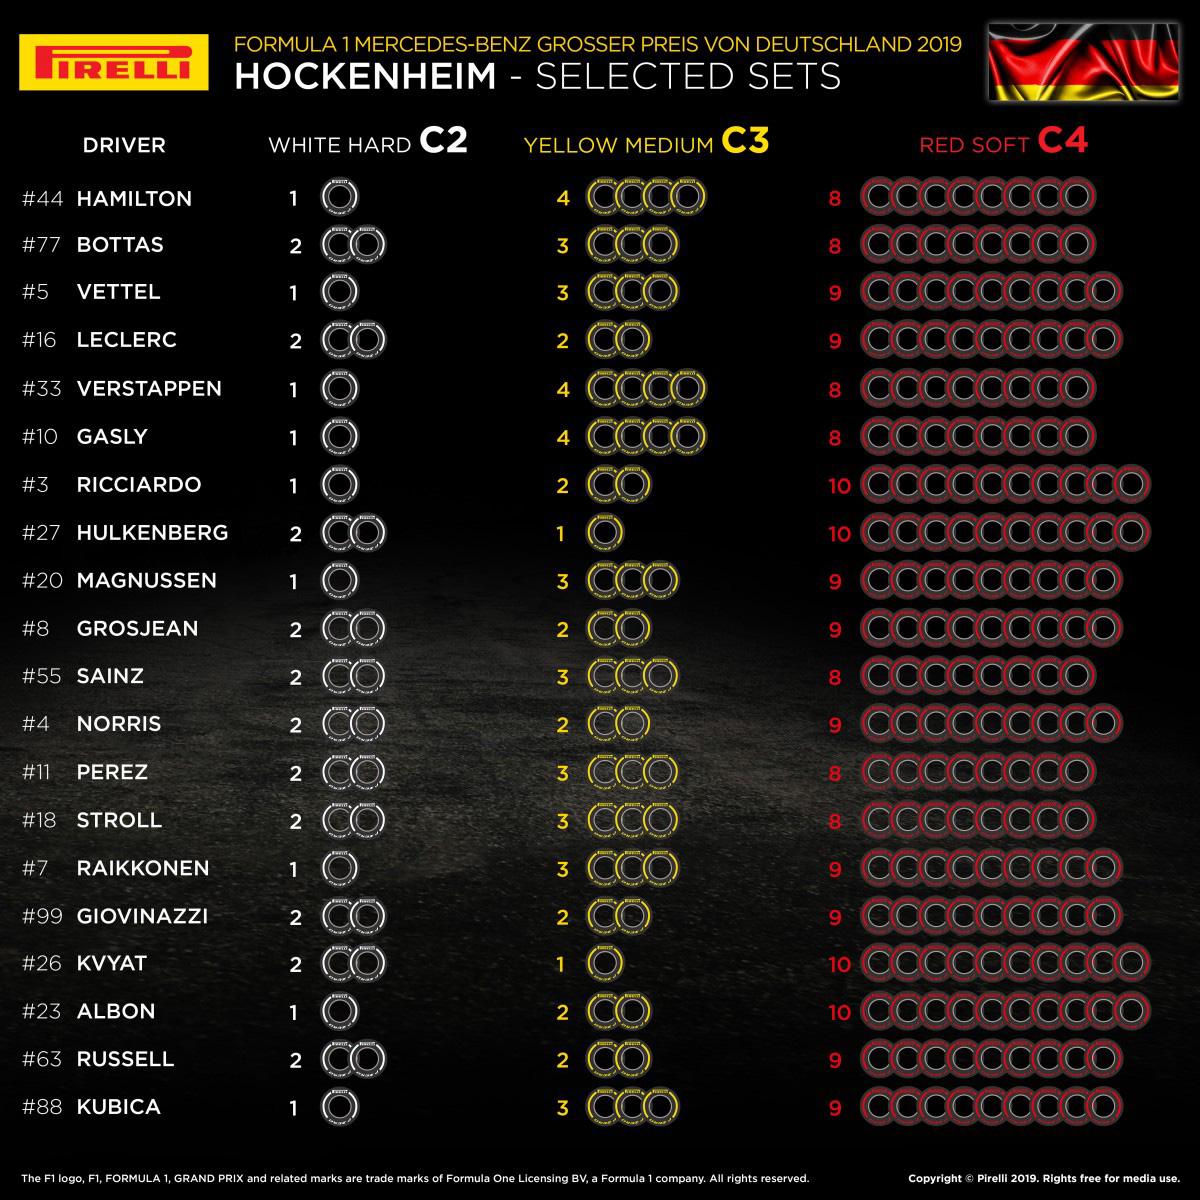 2019年 F1 ドイツグランプリ 各ドライバーのタイヤ選択